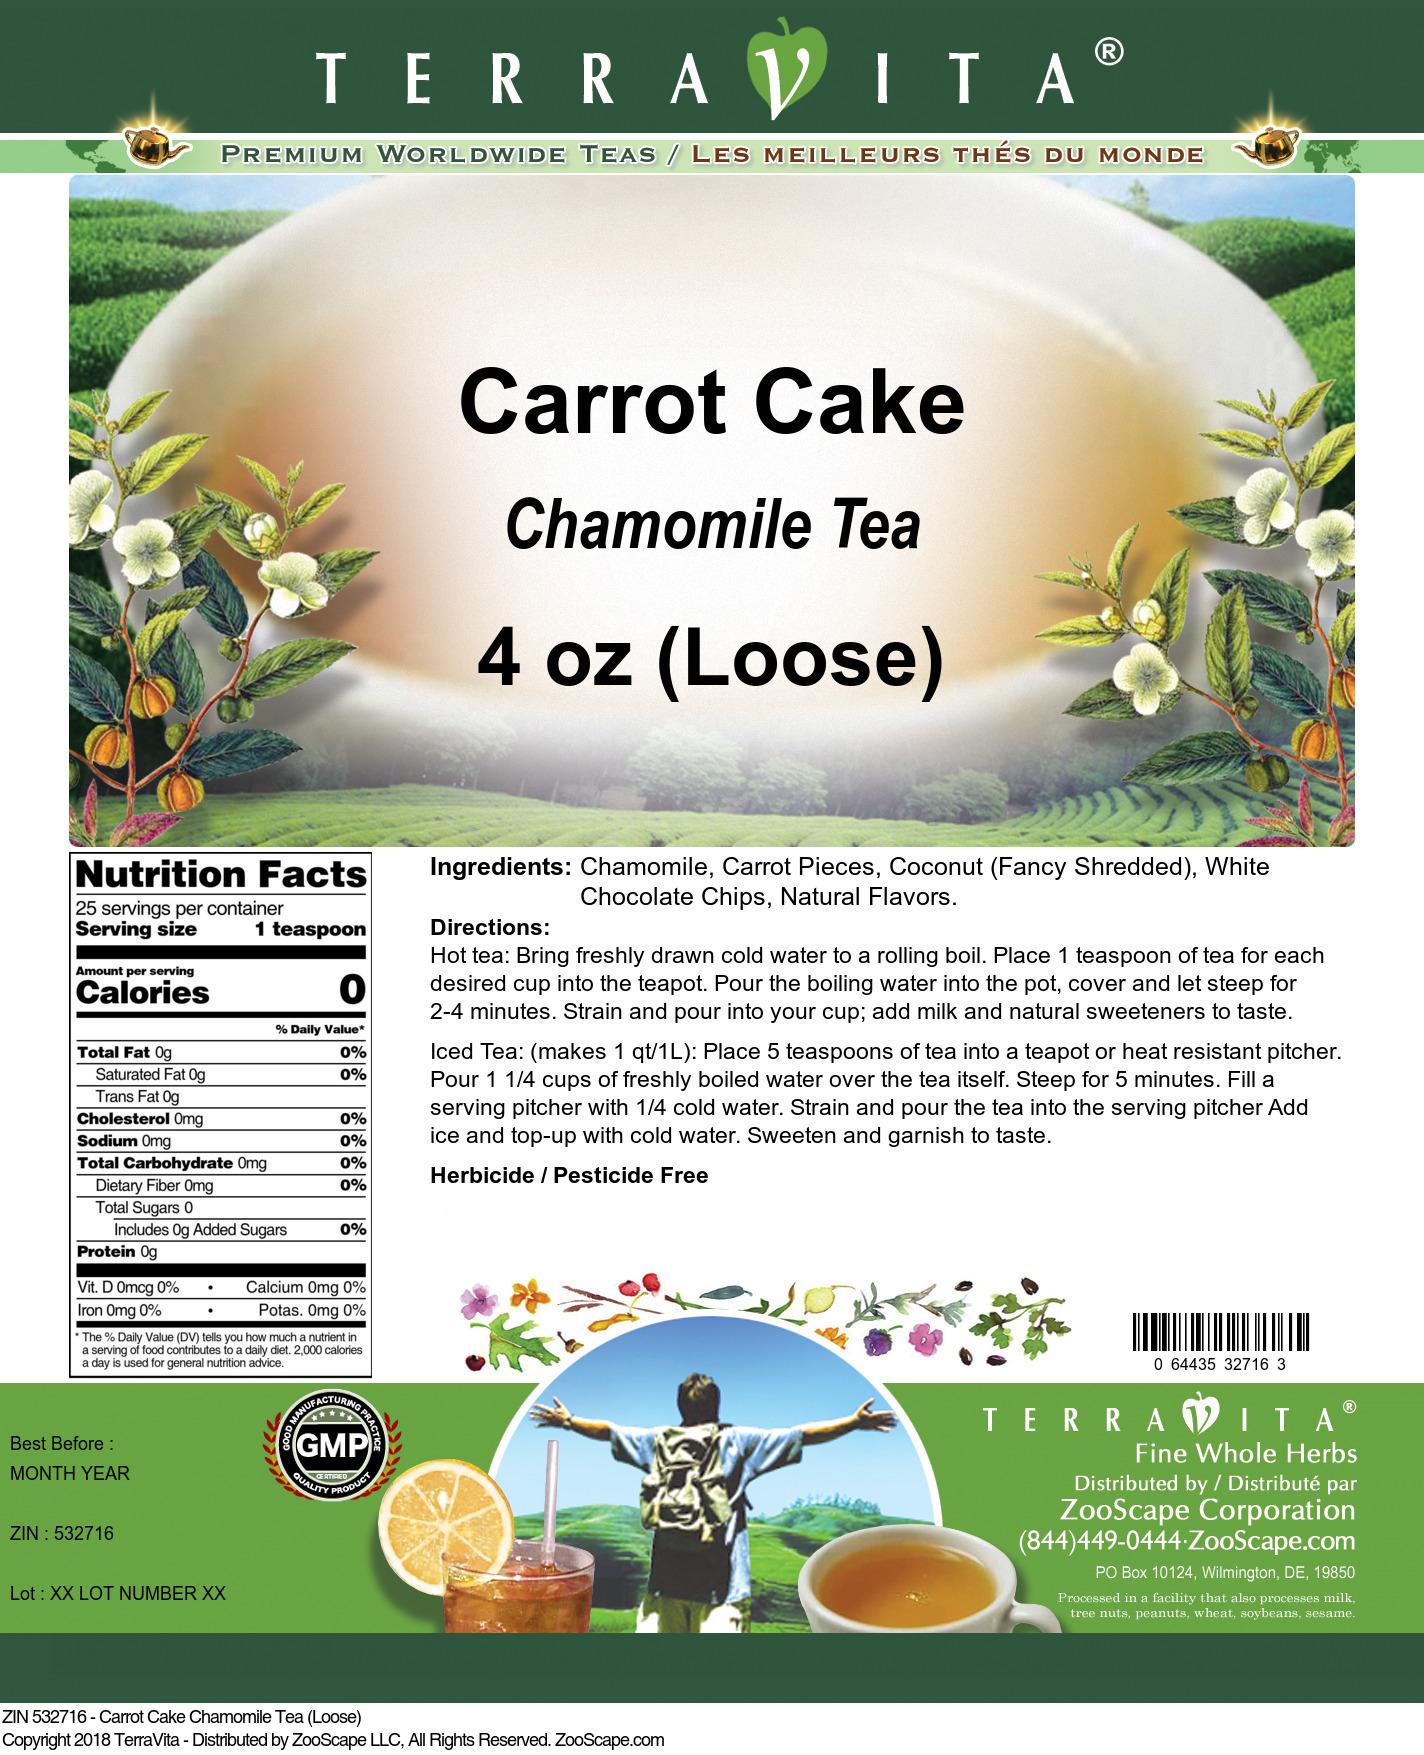 Carrot Cake Chamomile Tea (Loose)